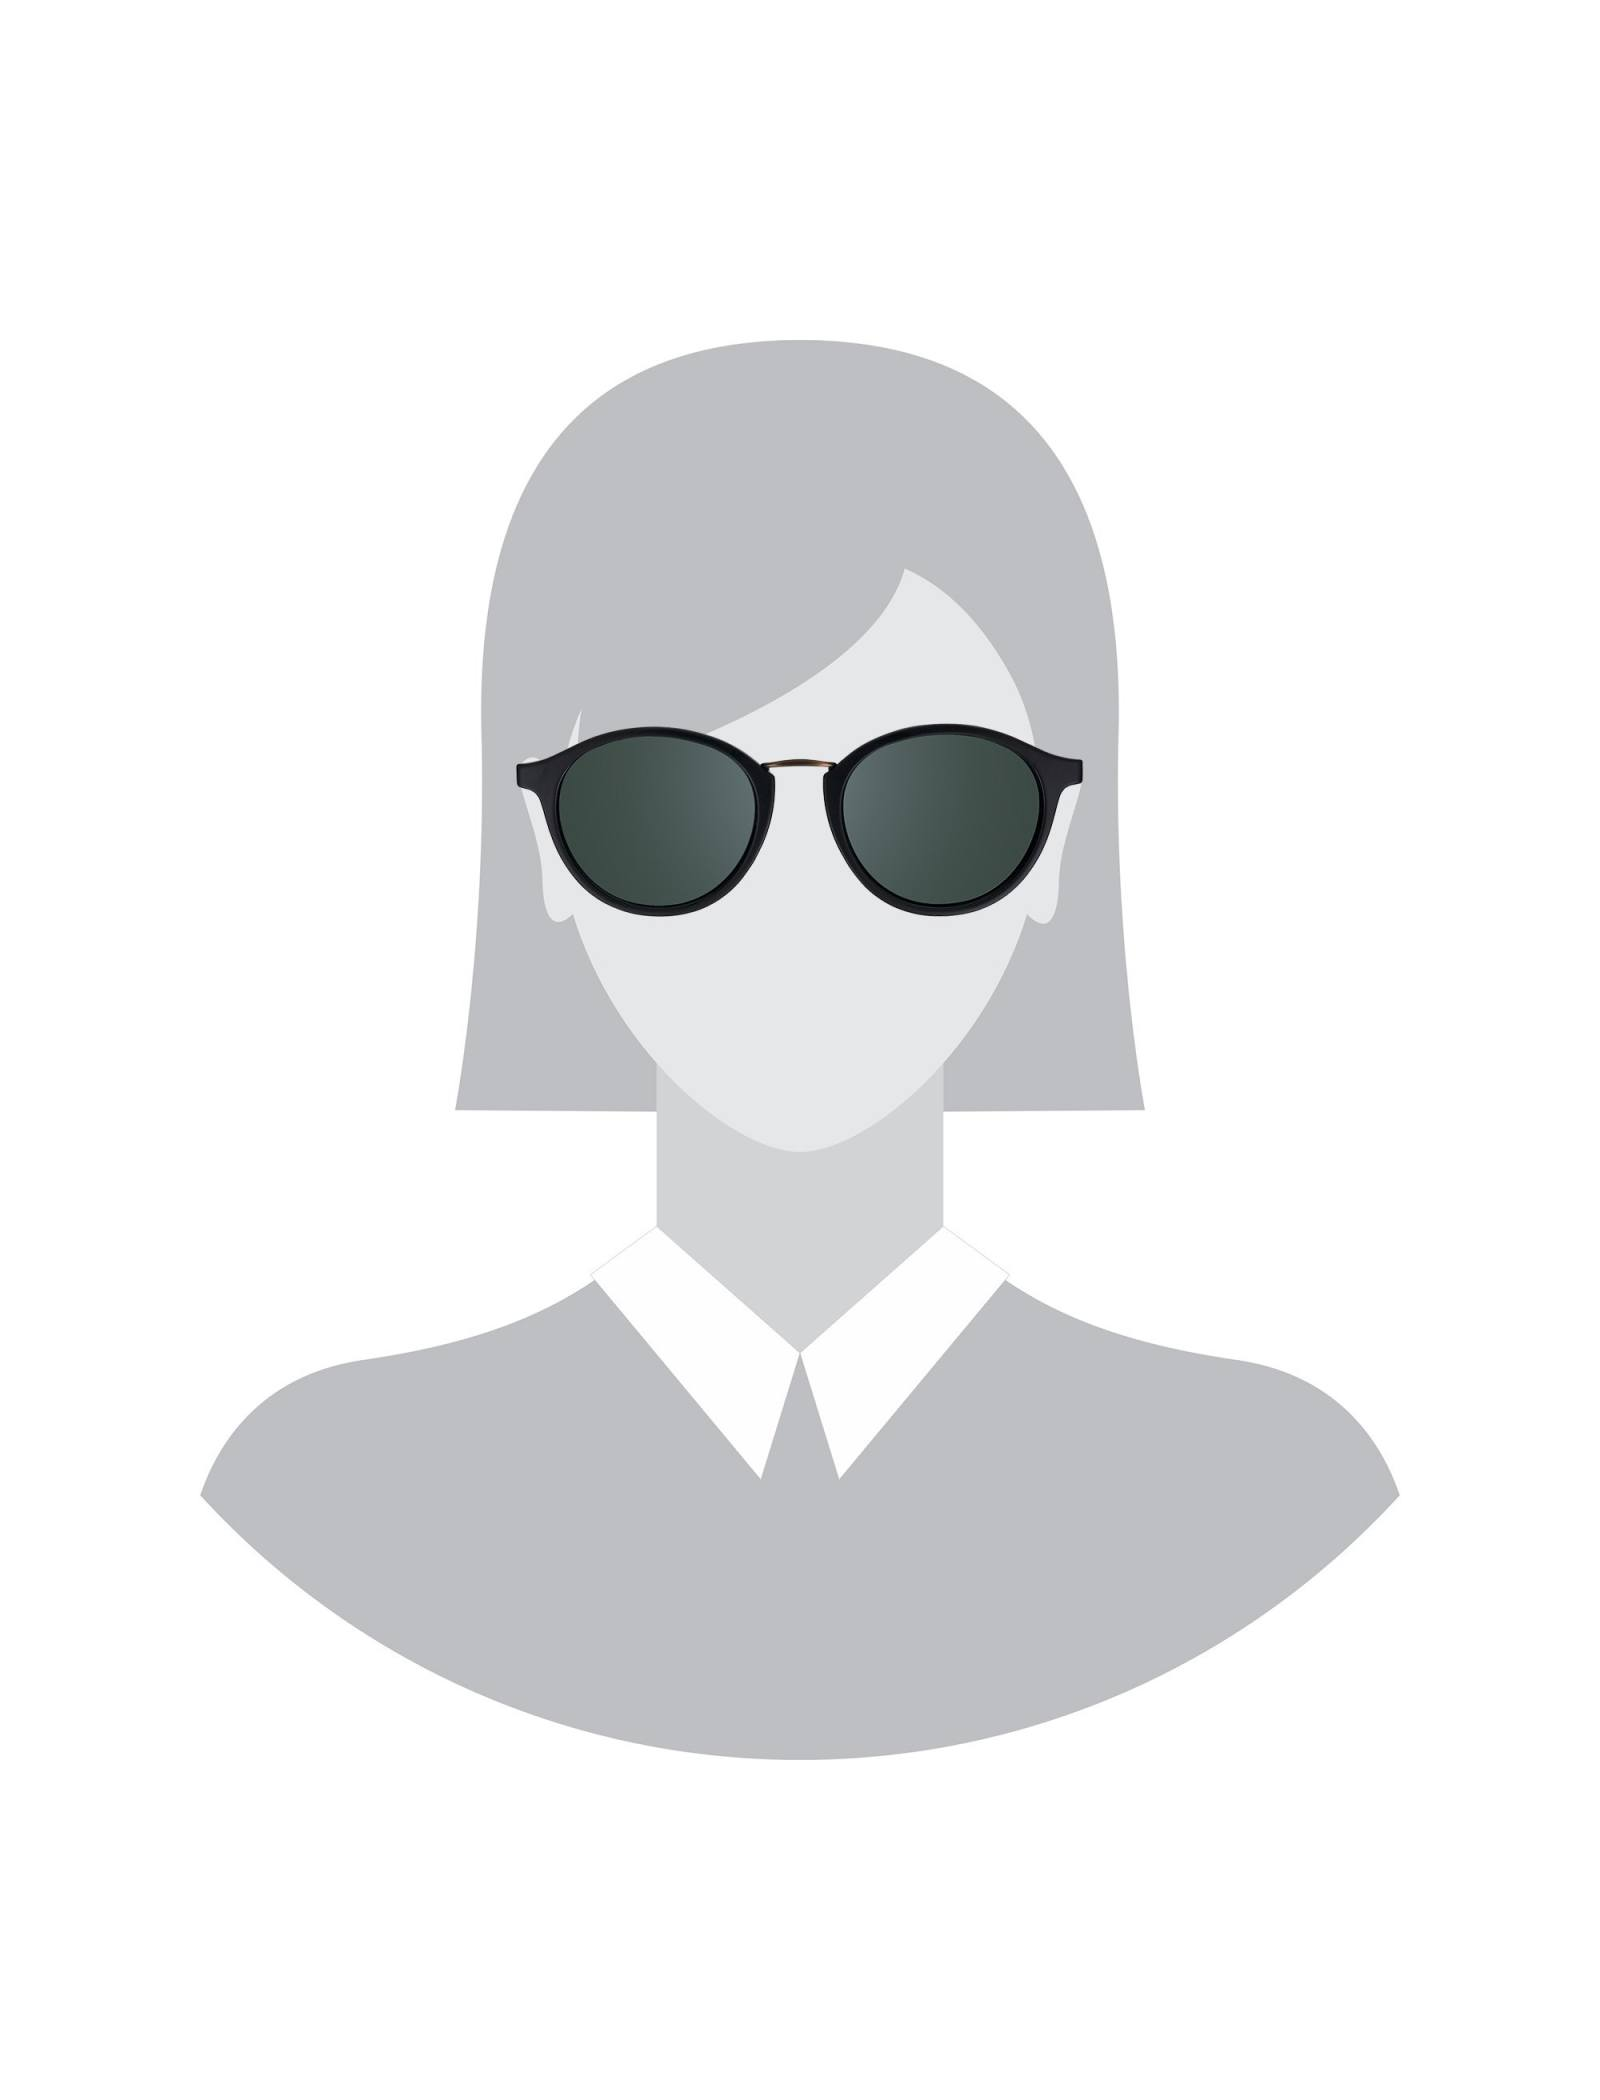 عینک آفتابی پنتوس زنانه - پپه جینز - مشکي        - 5